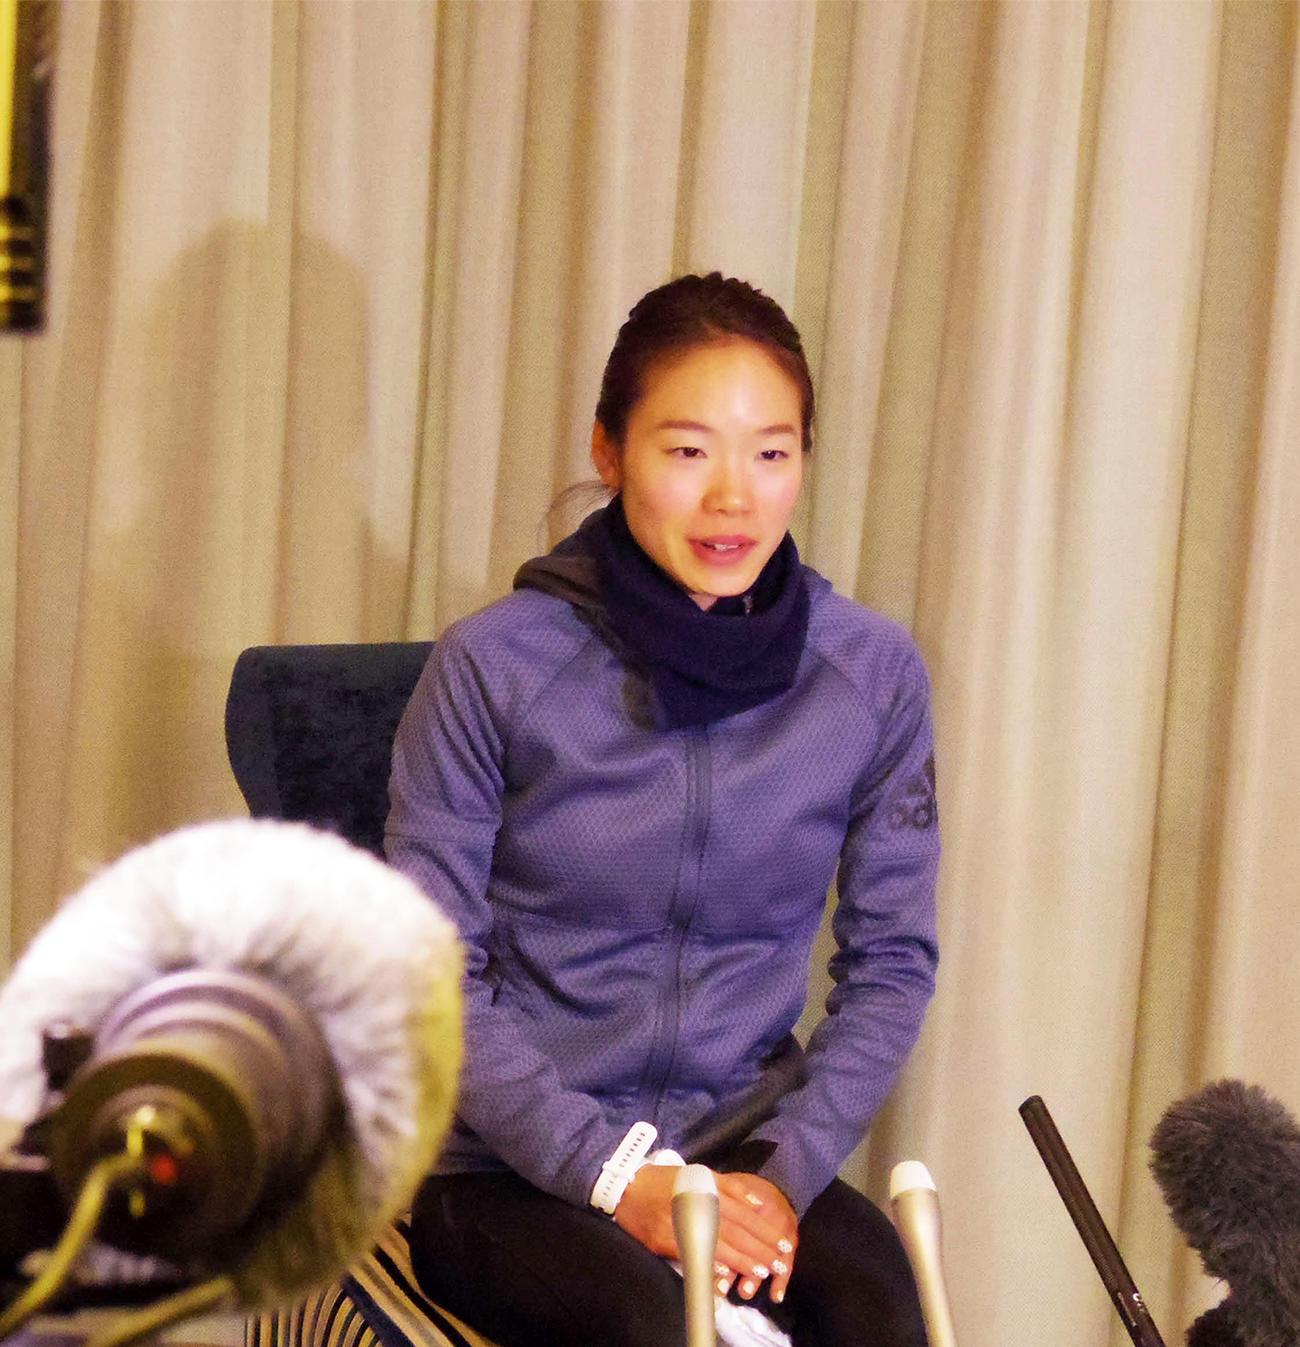 東京五輪マラソン女子代表に内定し、一夜明け会見に臨む一山(撮影・奥岡幹浩)